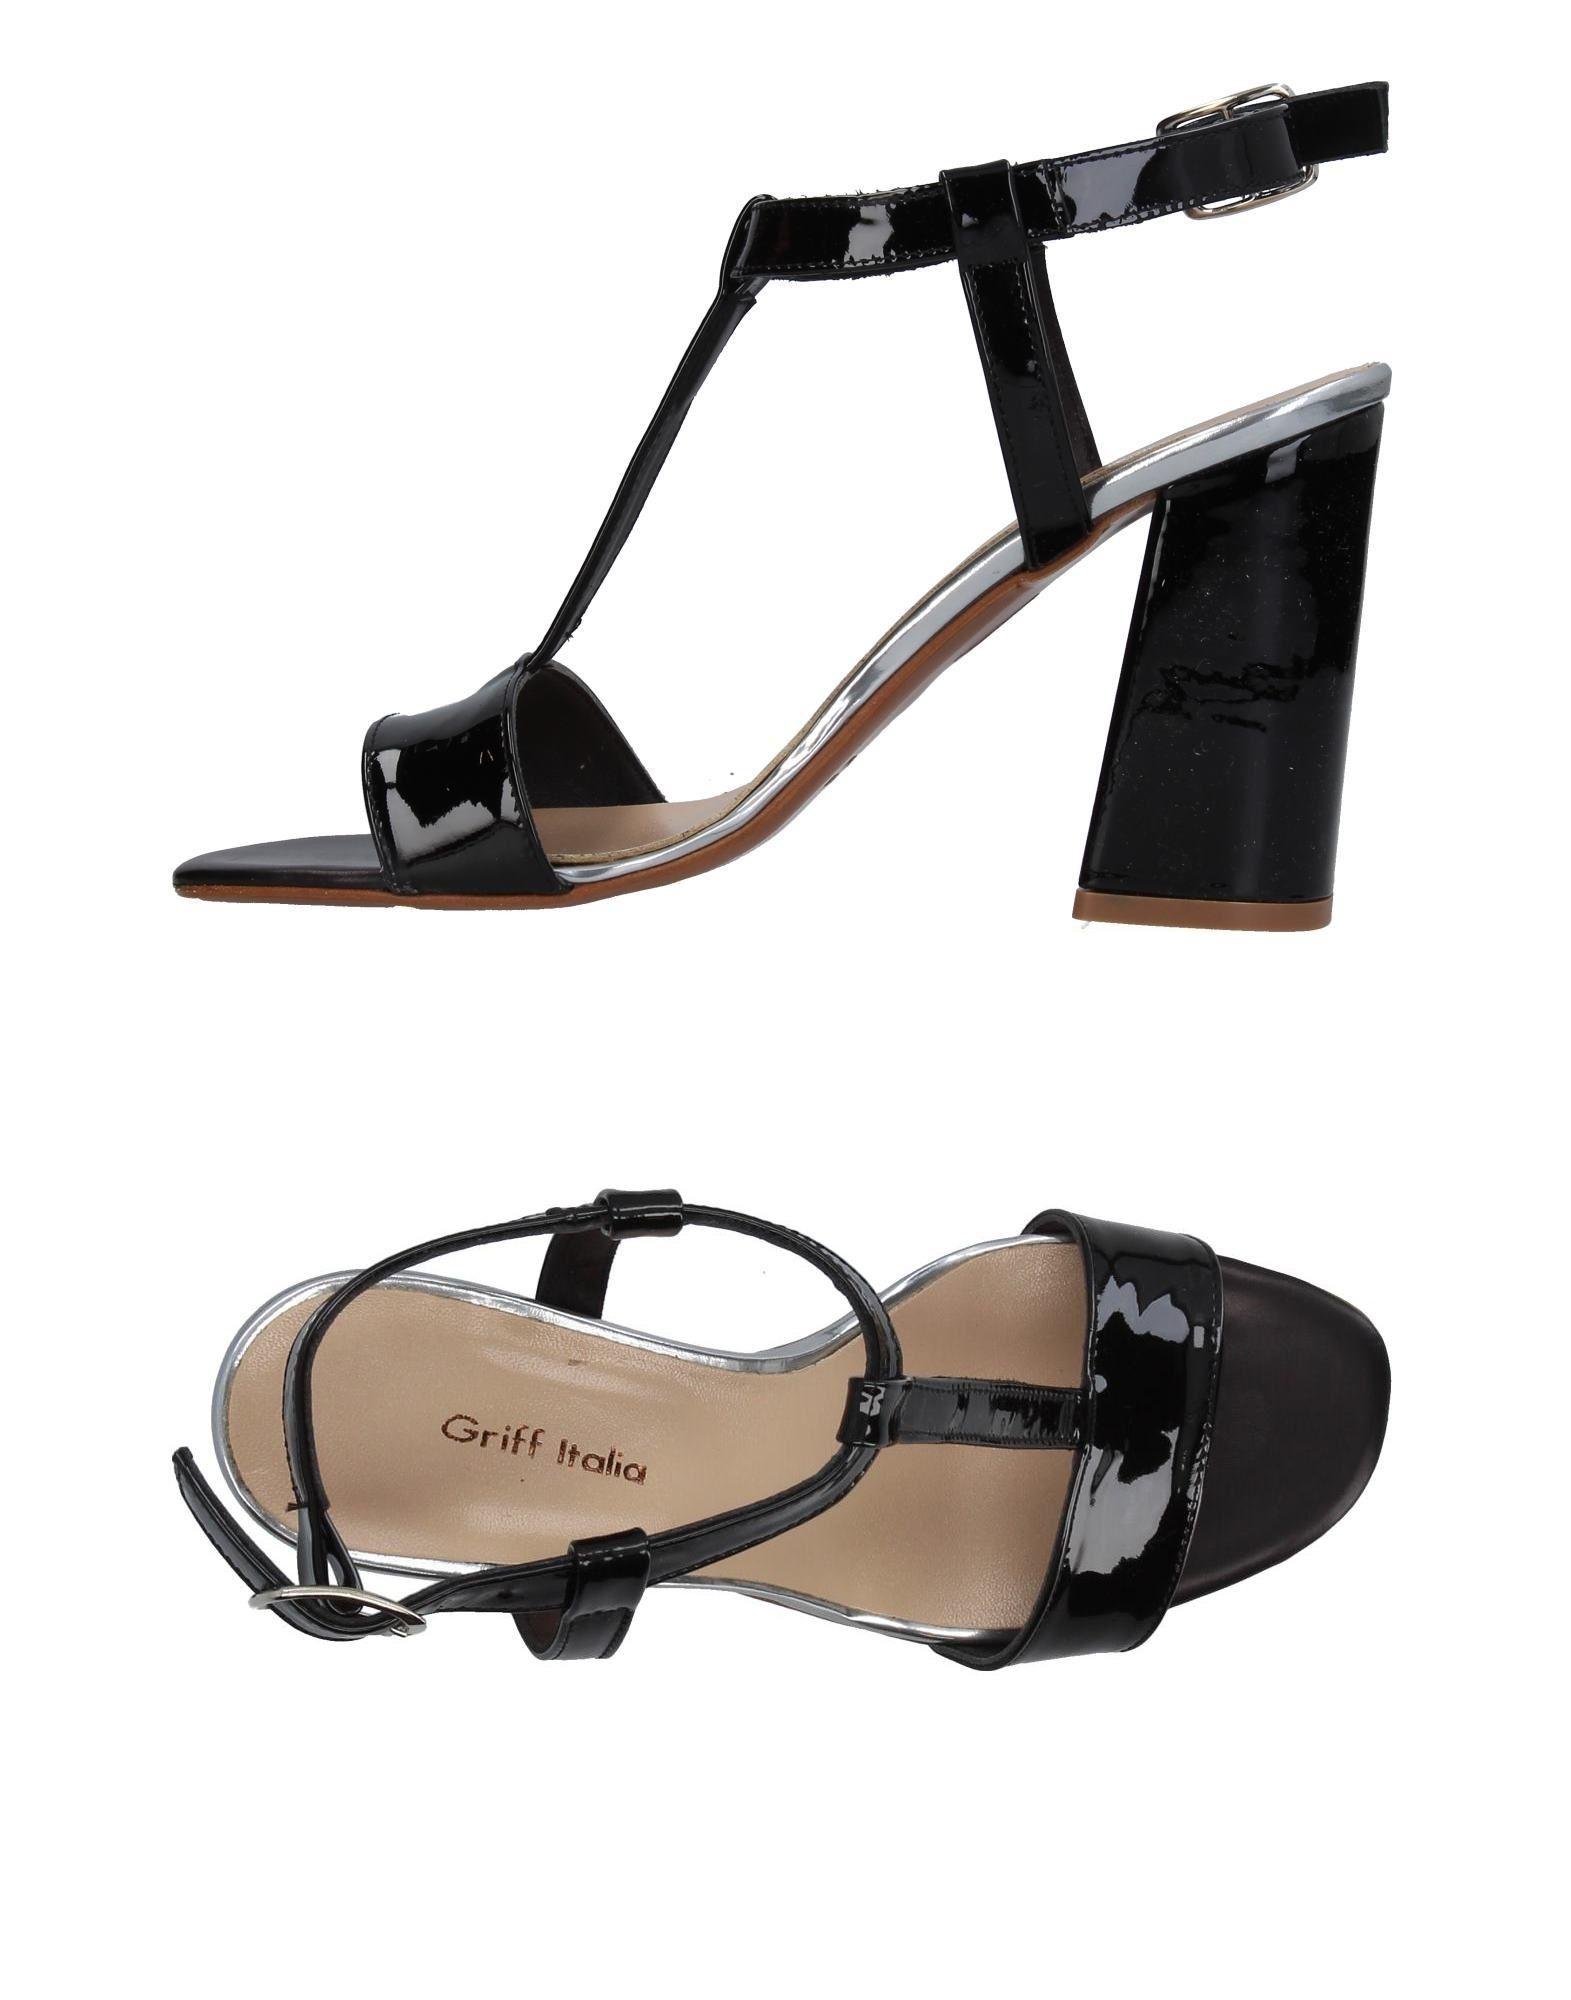 Griff Italia Sandalen Damen  11381168FG Gute Qualität beliebte Schuhe